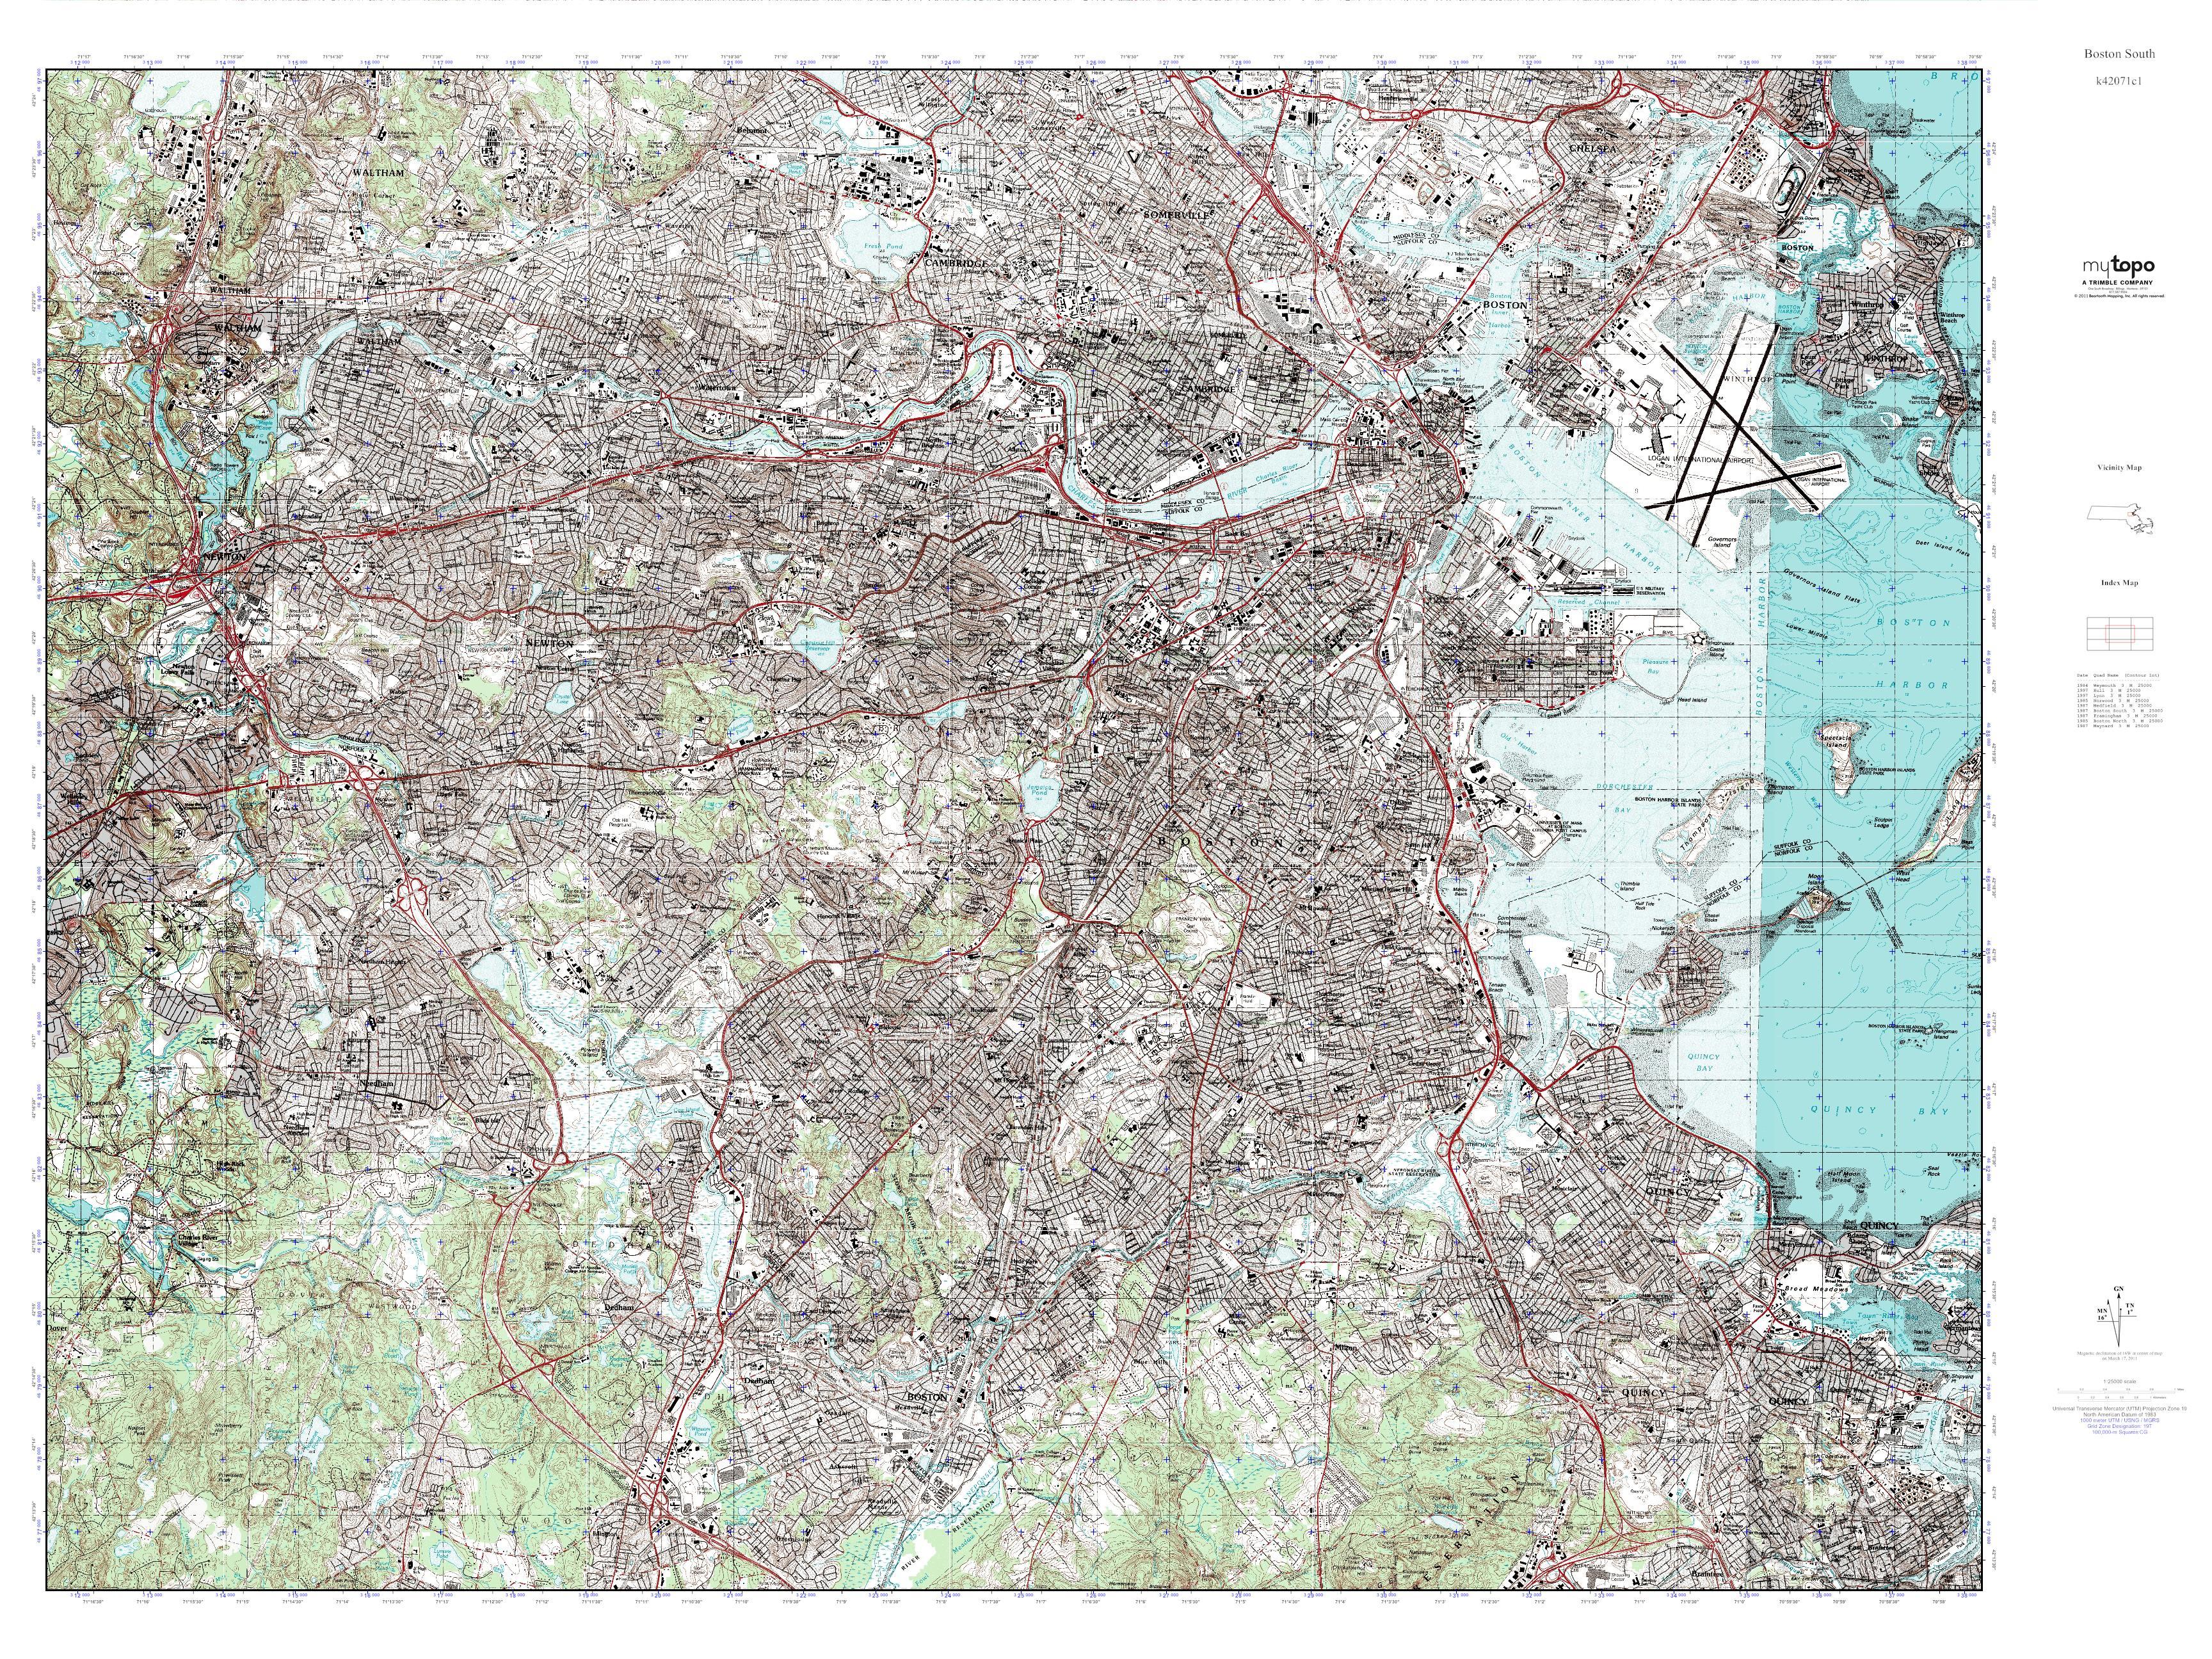 Topographic Map Massachusetts.Mytopo Boston South Massachusetts Usgs Quad Topo Map